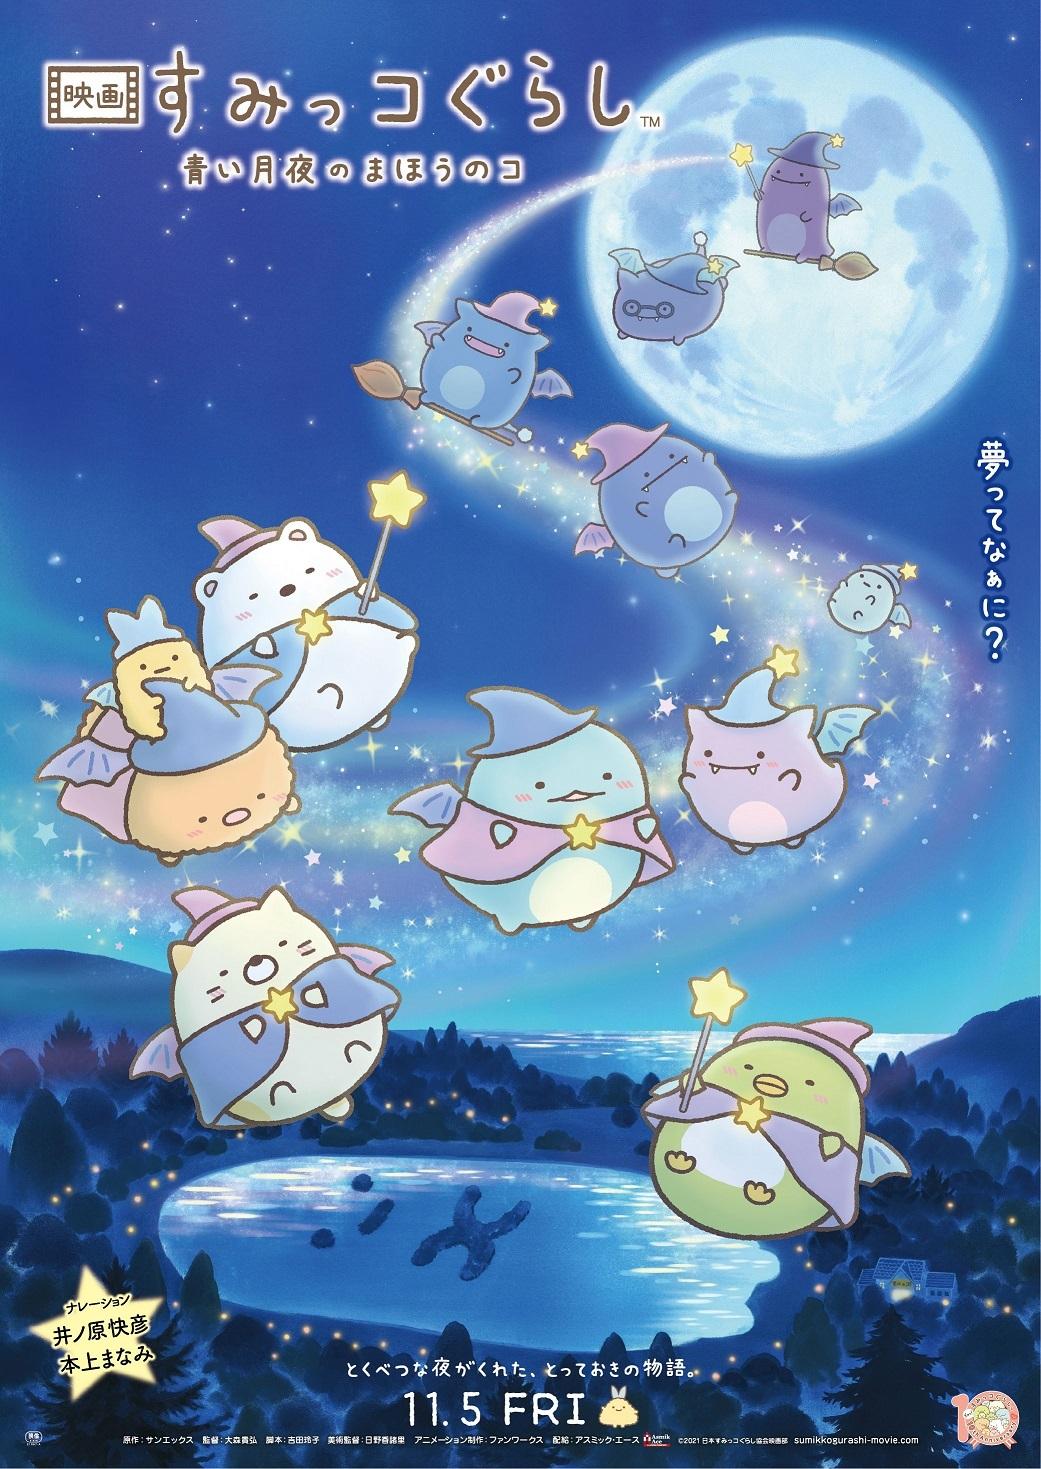 『すみっコぐらし 青い月夜のまほうのコ』 (C)2021日本すみっコぐらし協会映画部